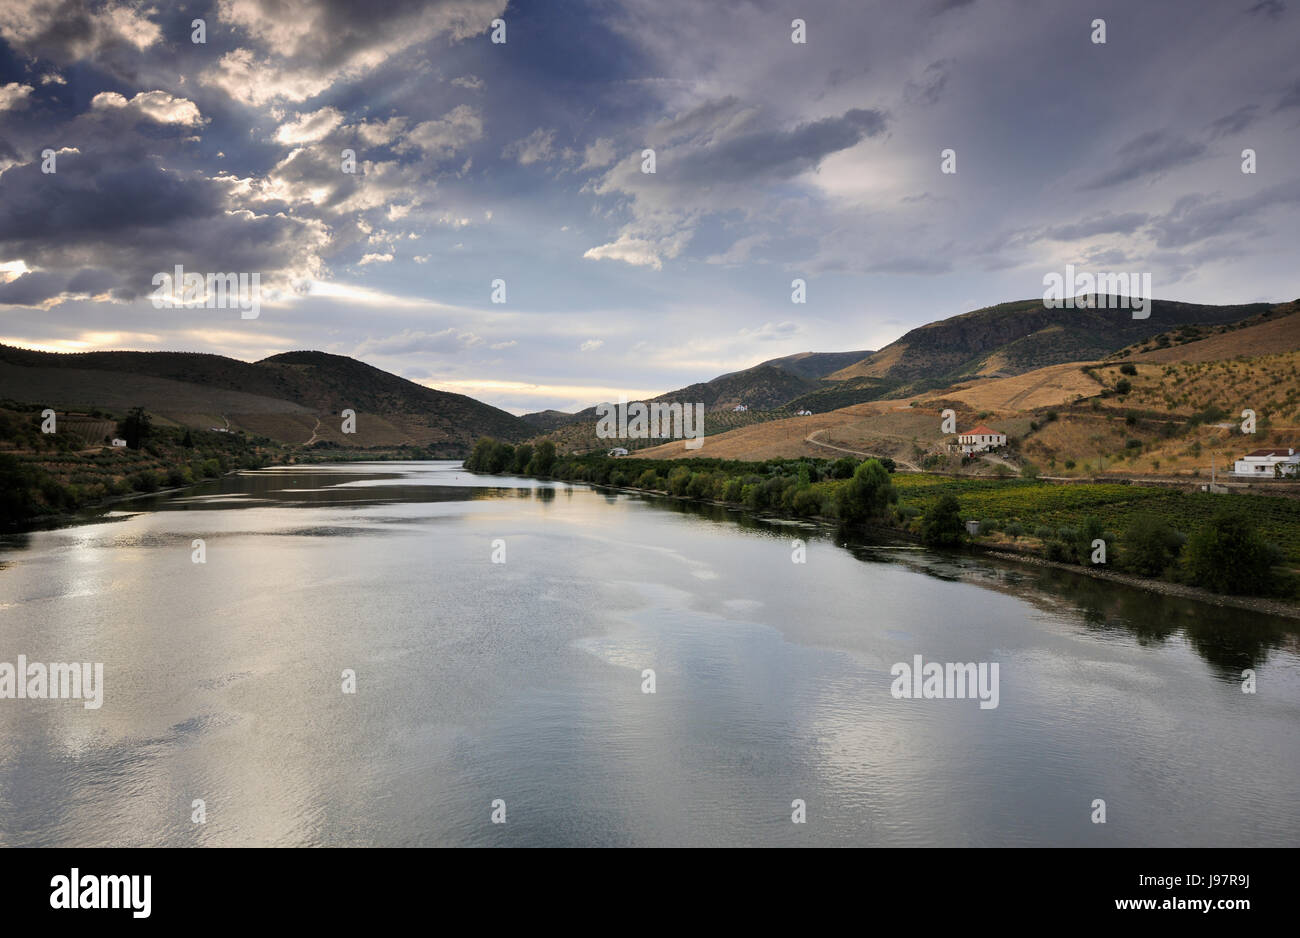 The Douro river at Barca d' Alva, Alto Douro. Portugal Stock Photo